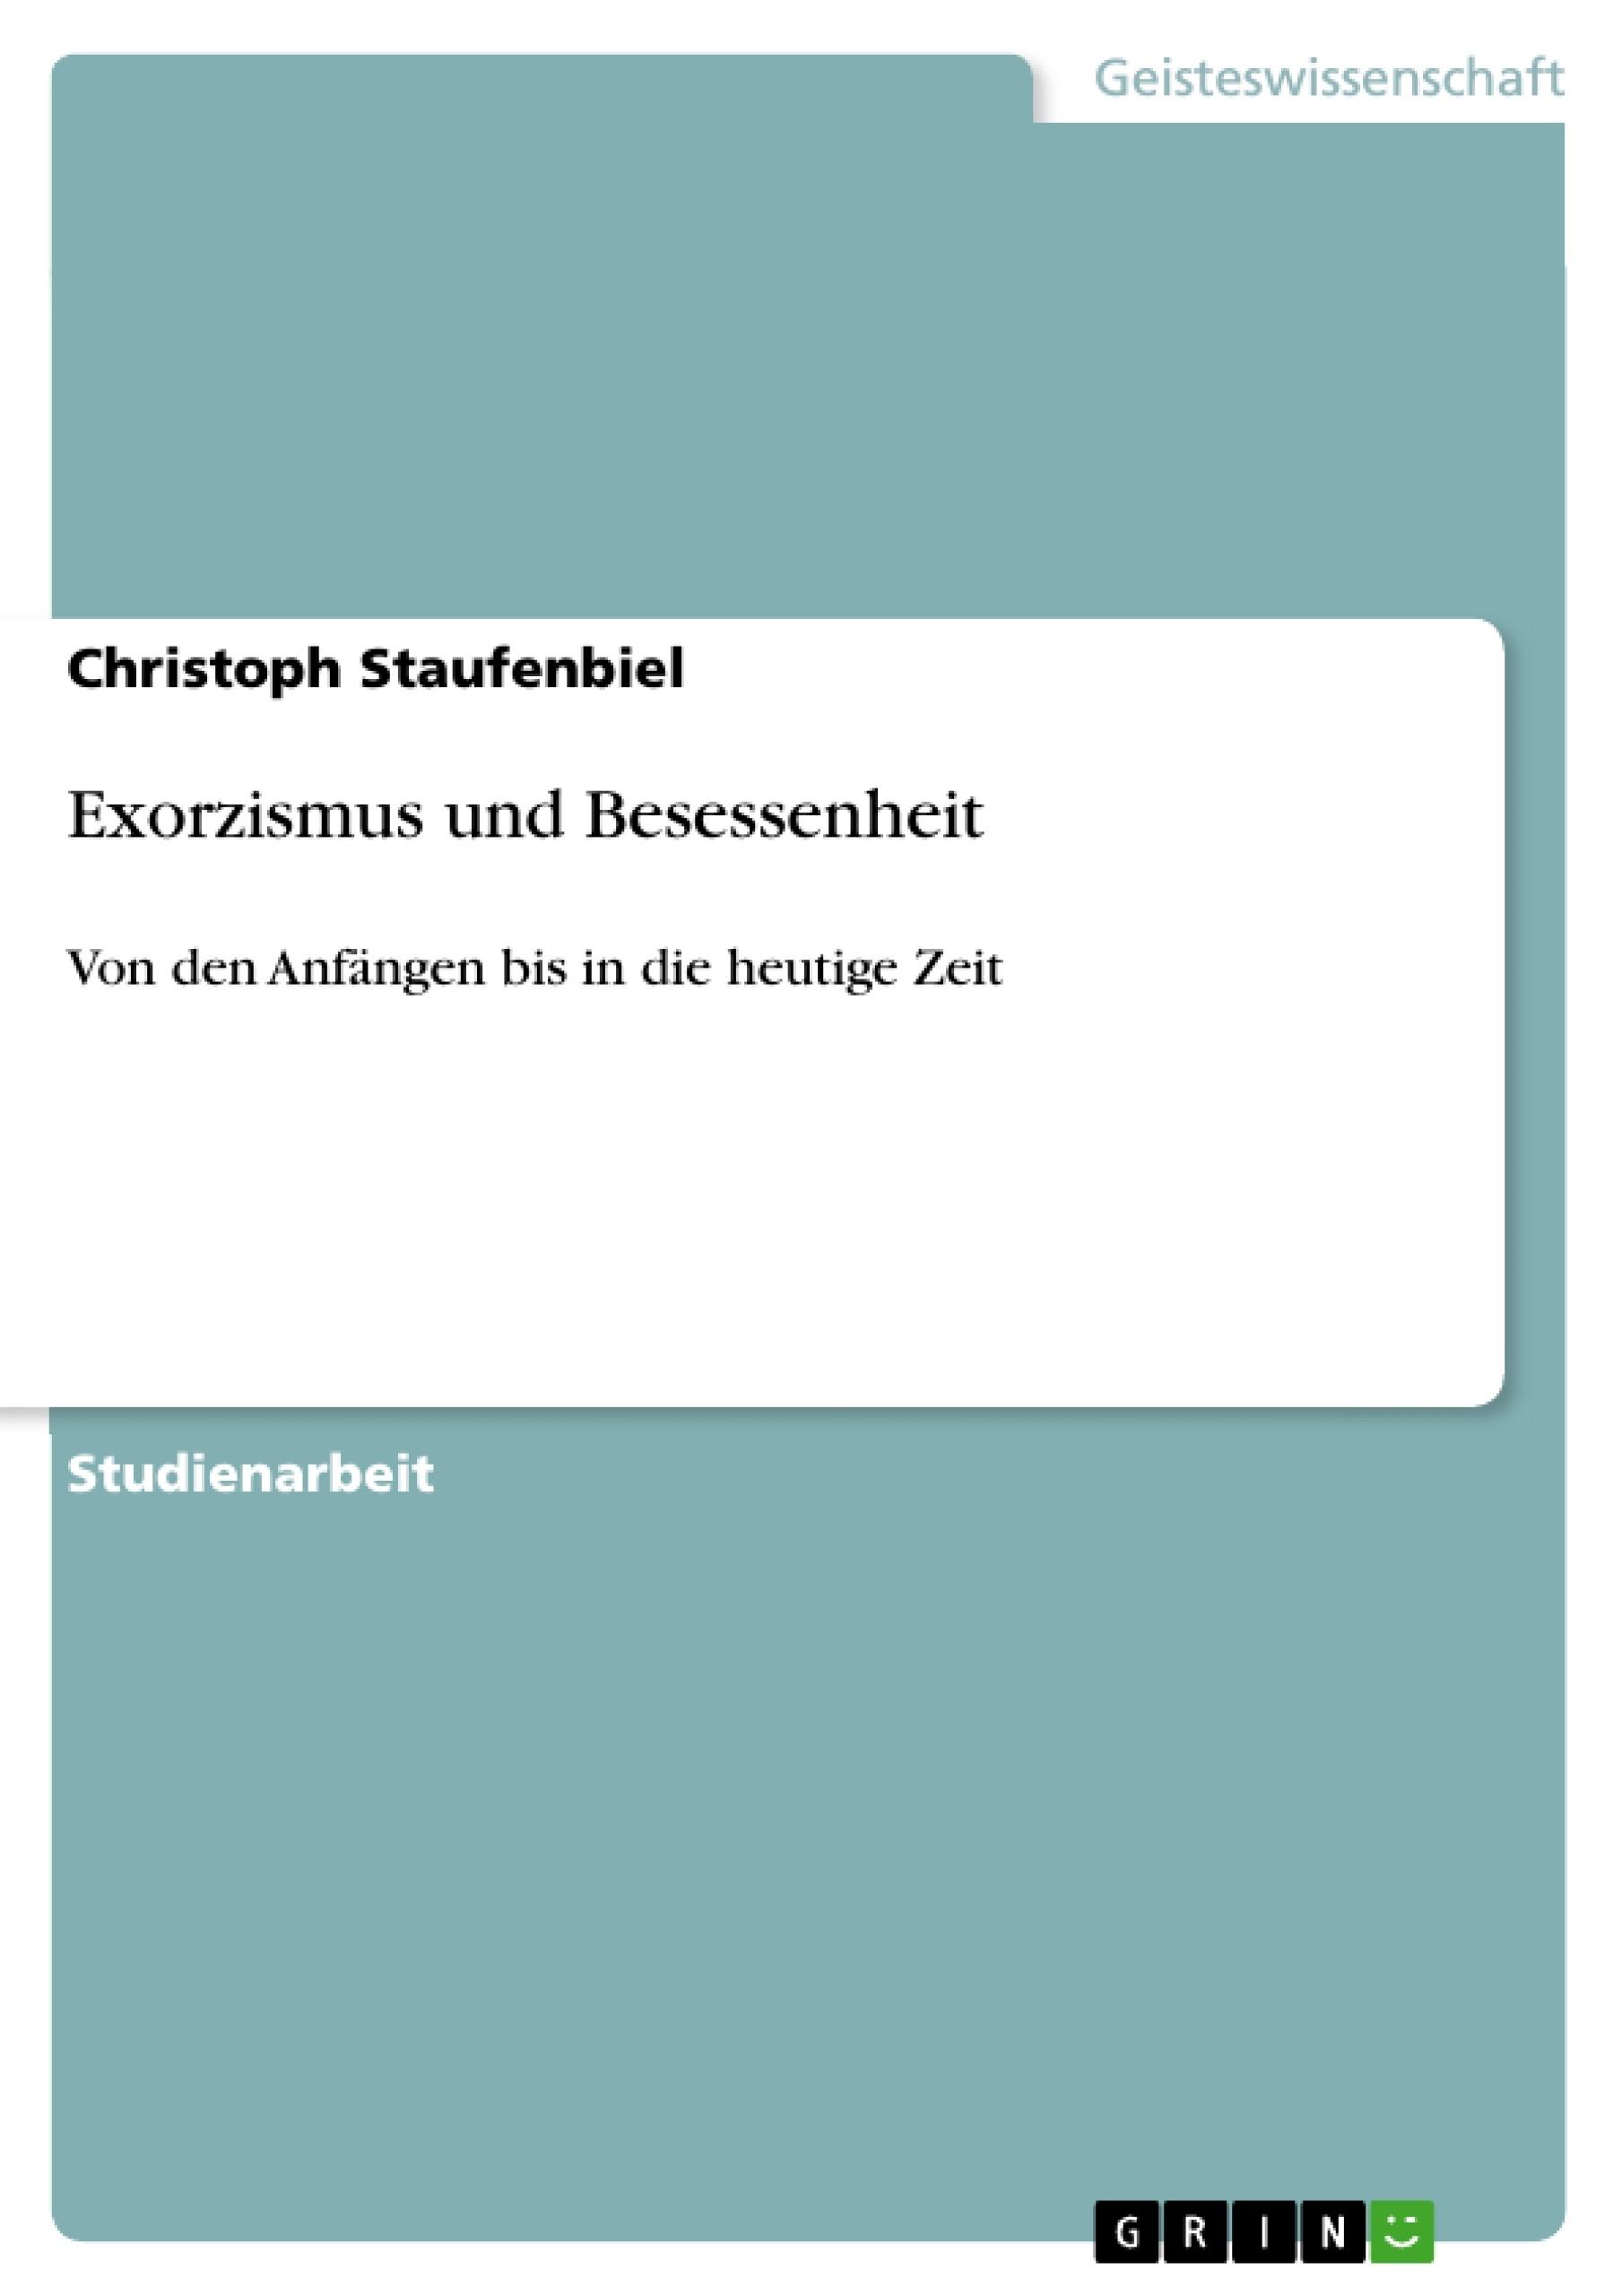 Titel: Exorzismus und Besessenheit